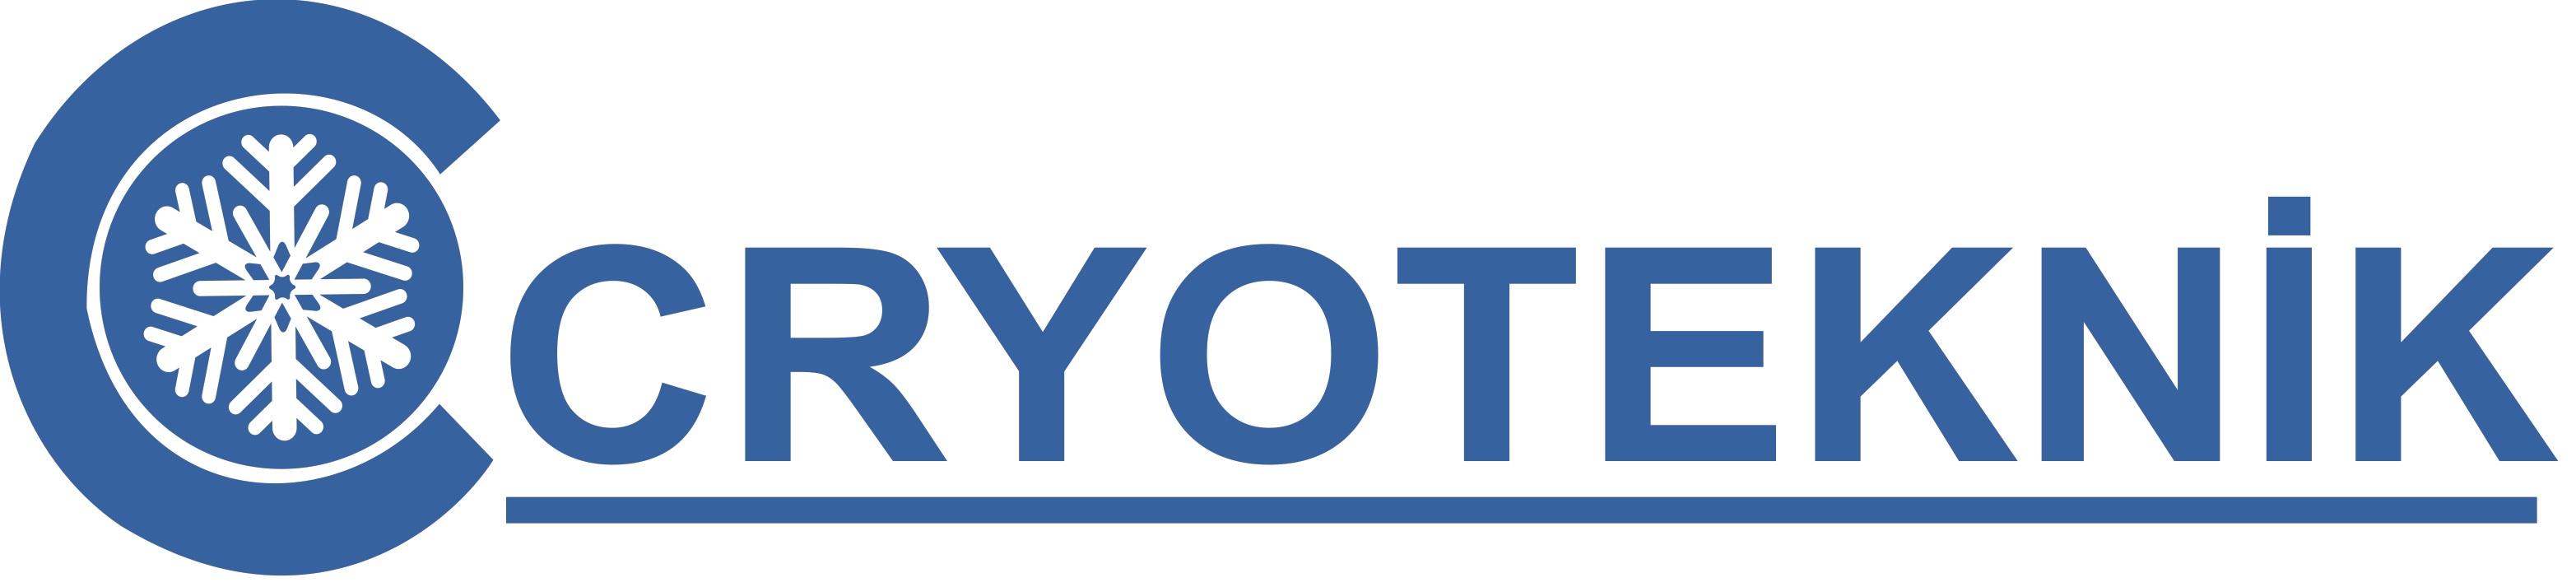 Cryoteknik Basınçlı Kaplar İthalat İhracat Mühendislik Ltd.Şti.